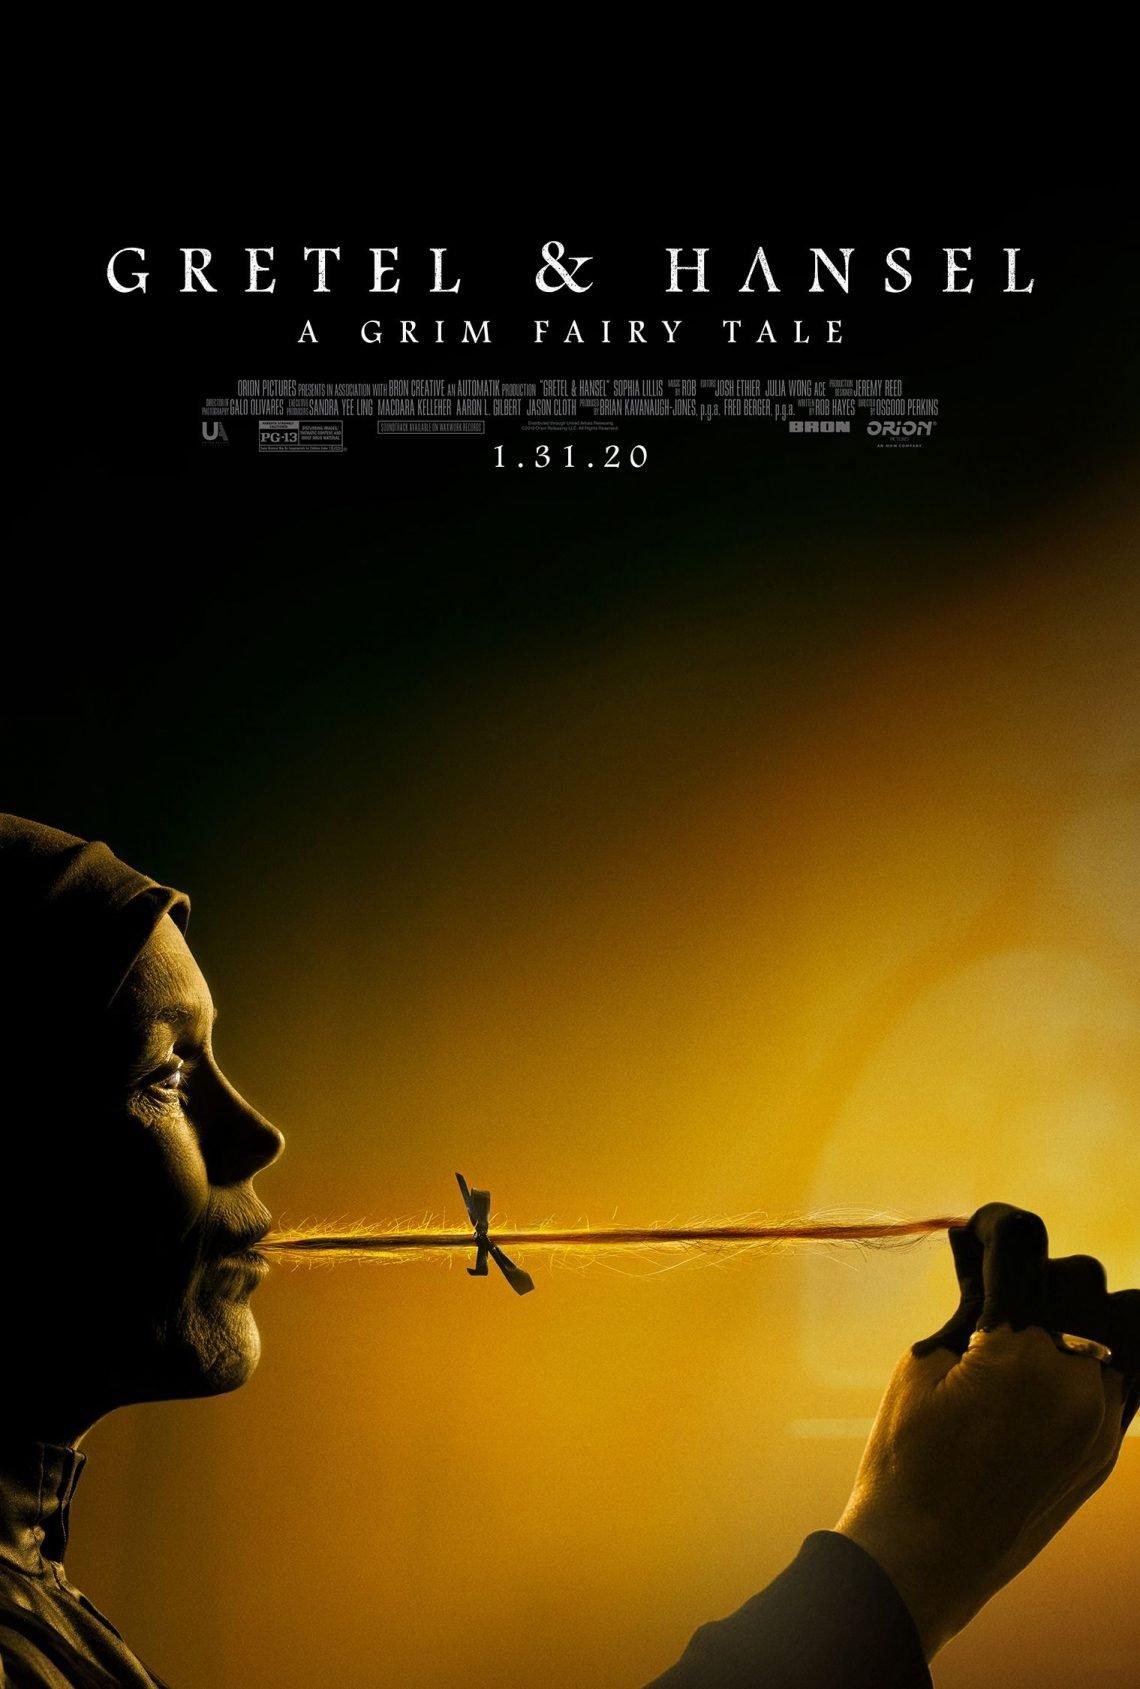 Gretel & Hansel film poster